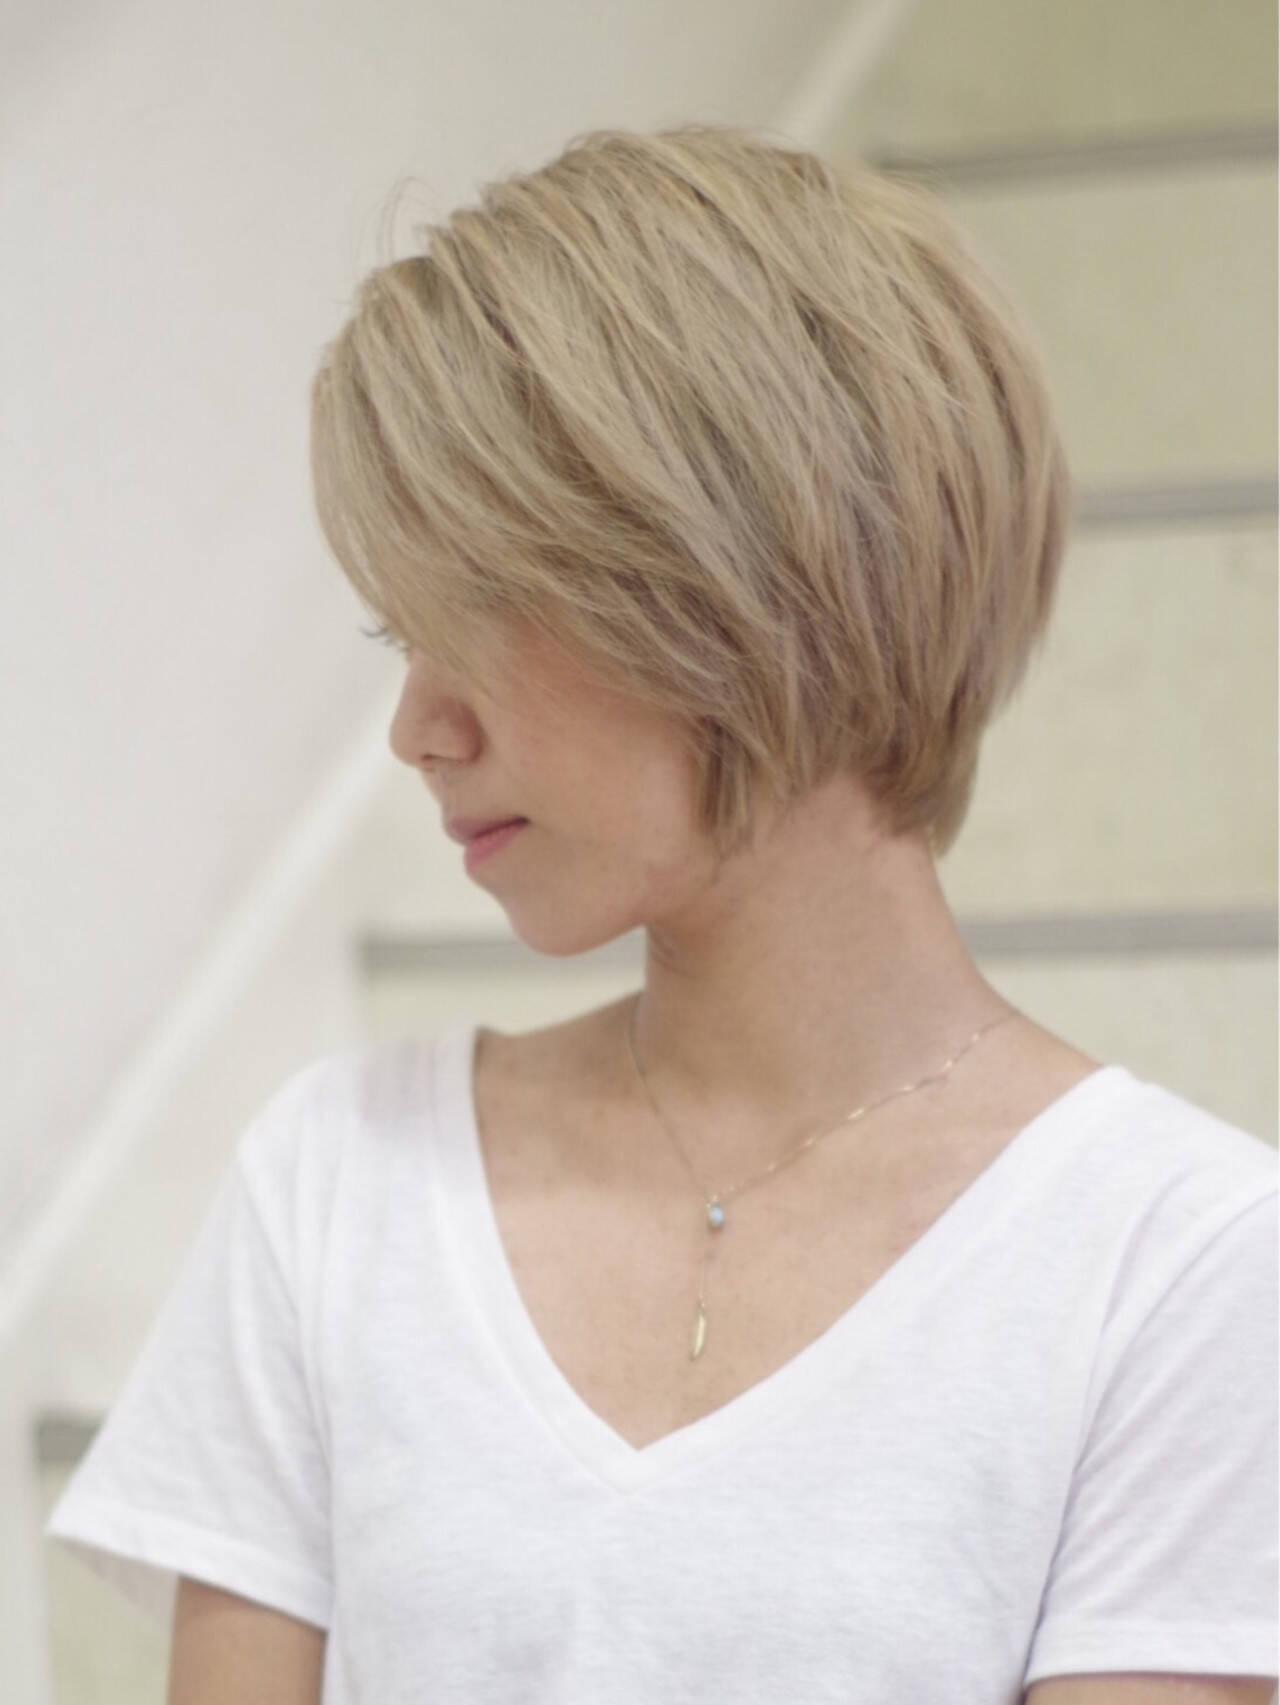 小顔 似合わせ ハイトーン ショートボブヘアスタイルや髪型の写真・画像